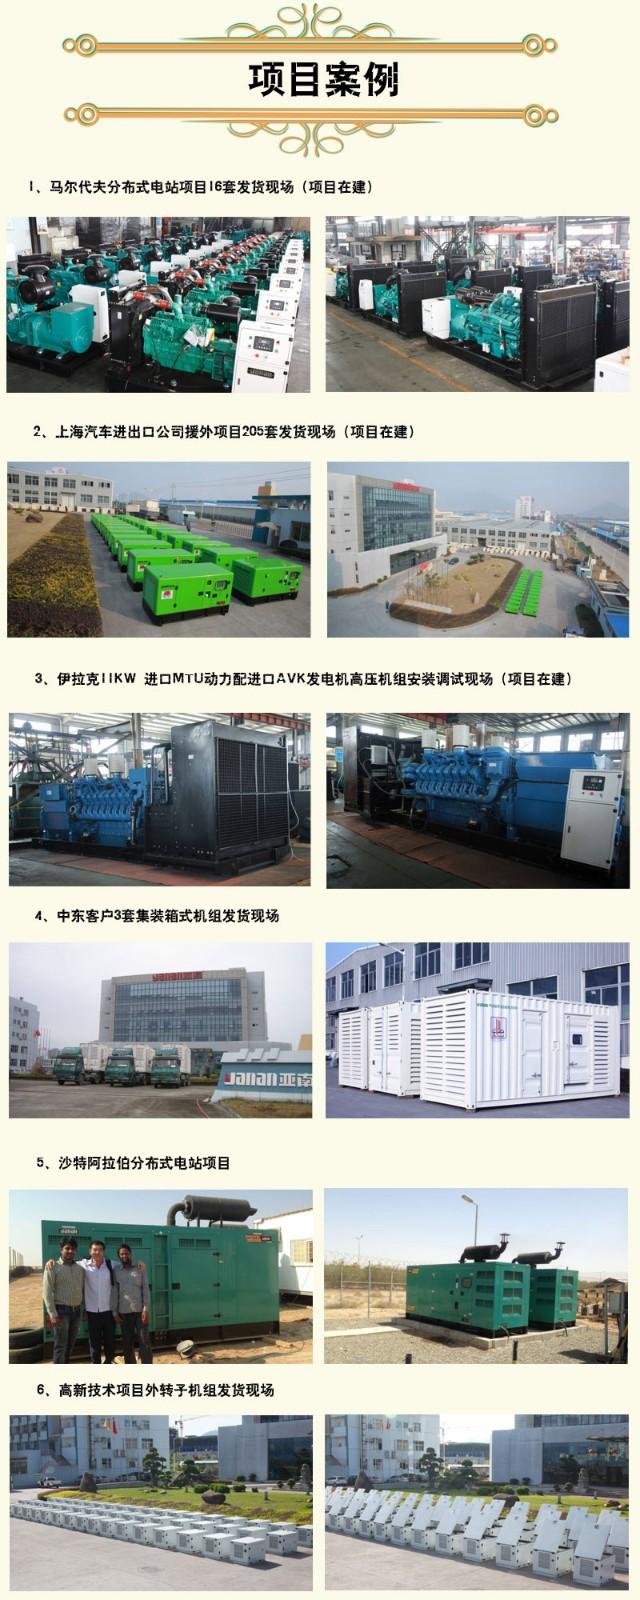 斯坦福发电机184 发电机组800kw图片五